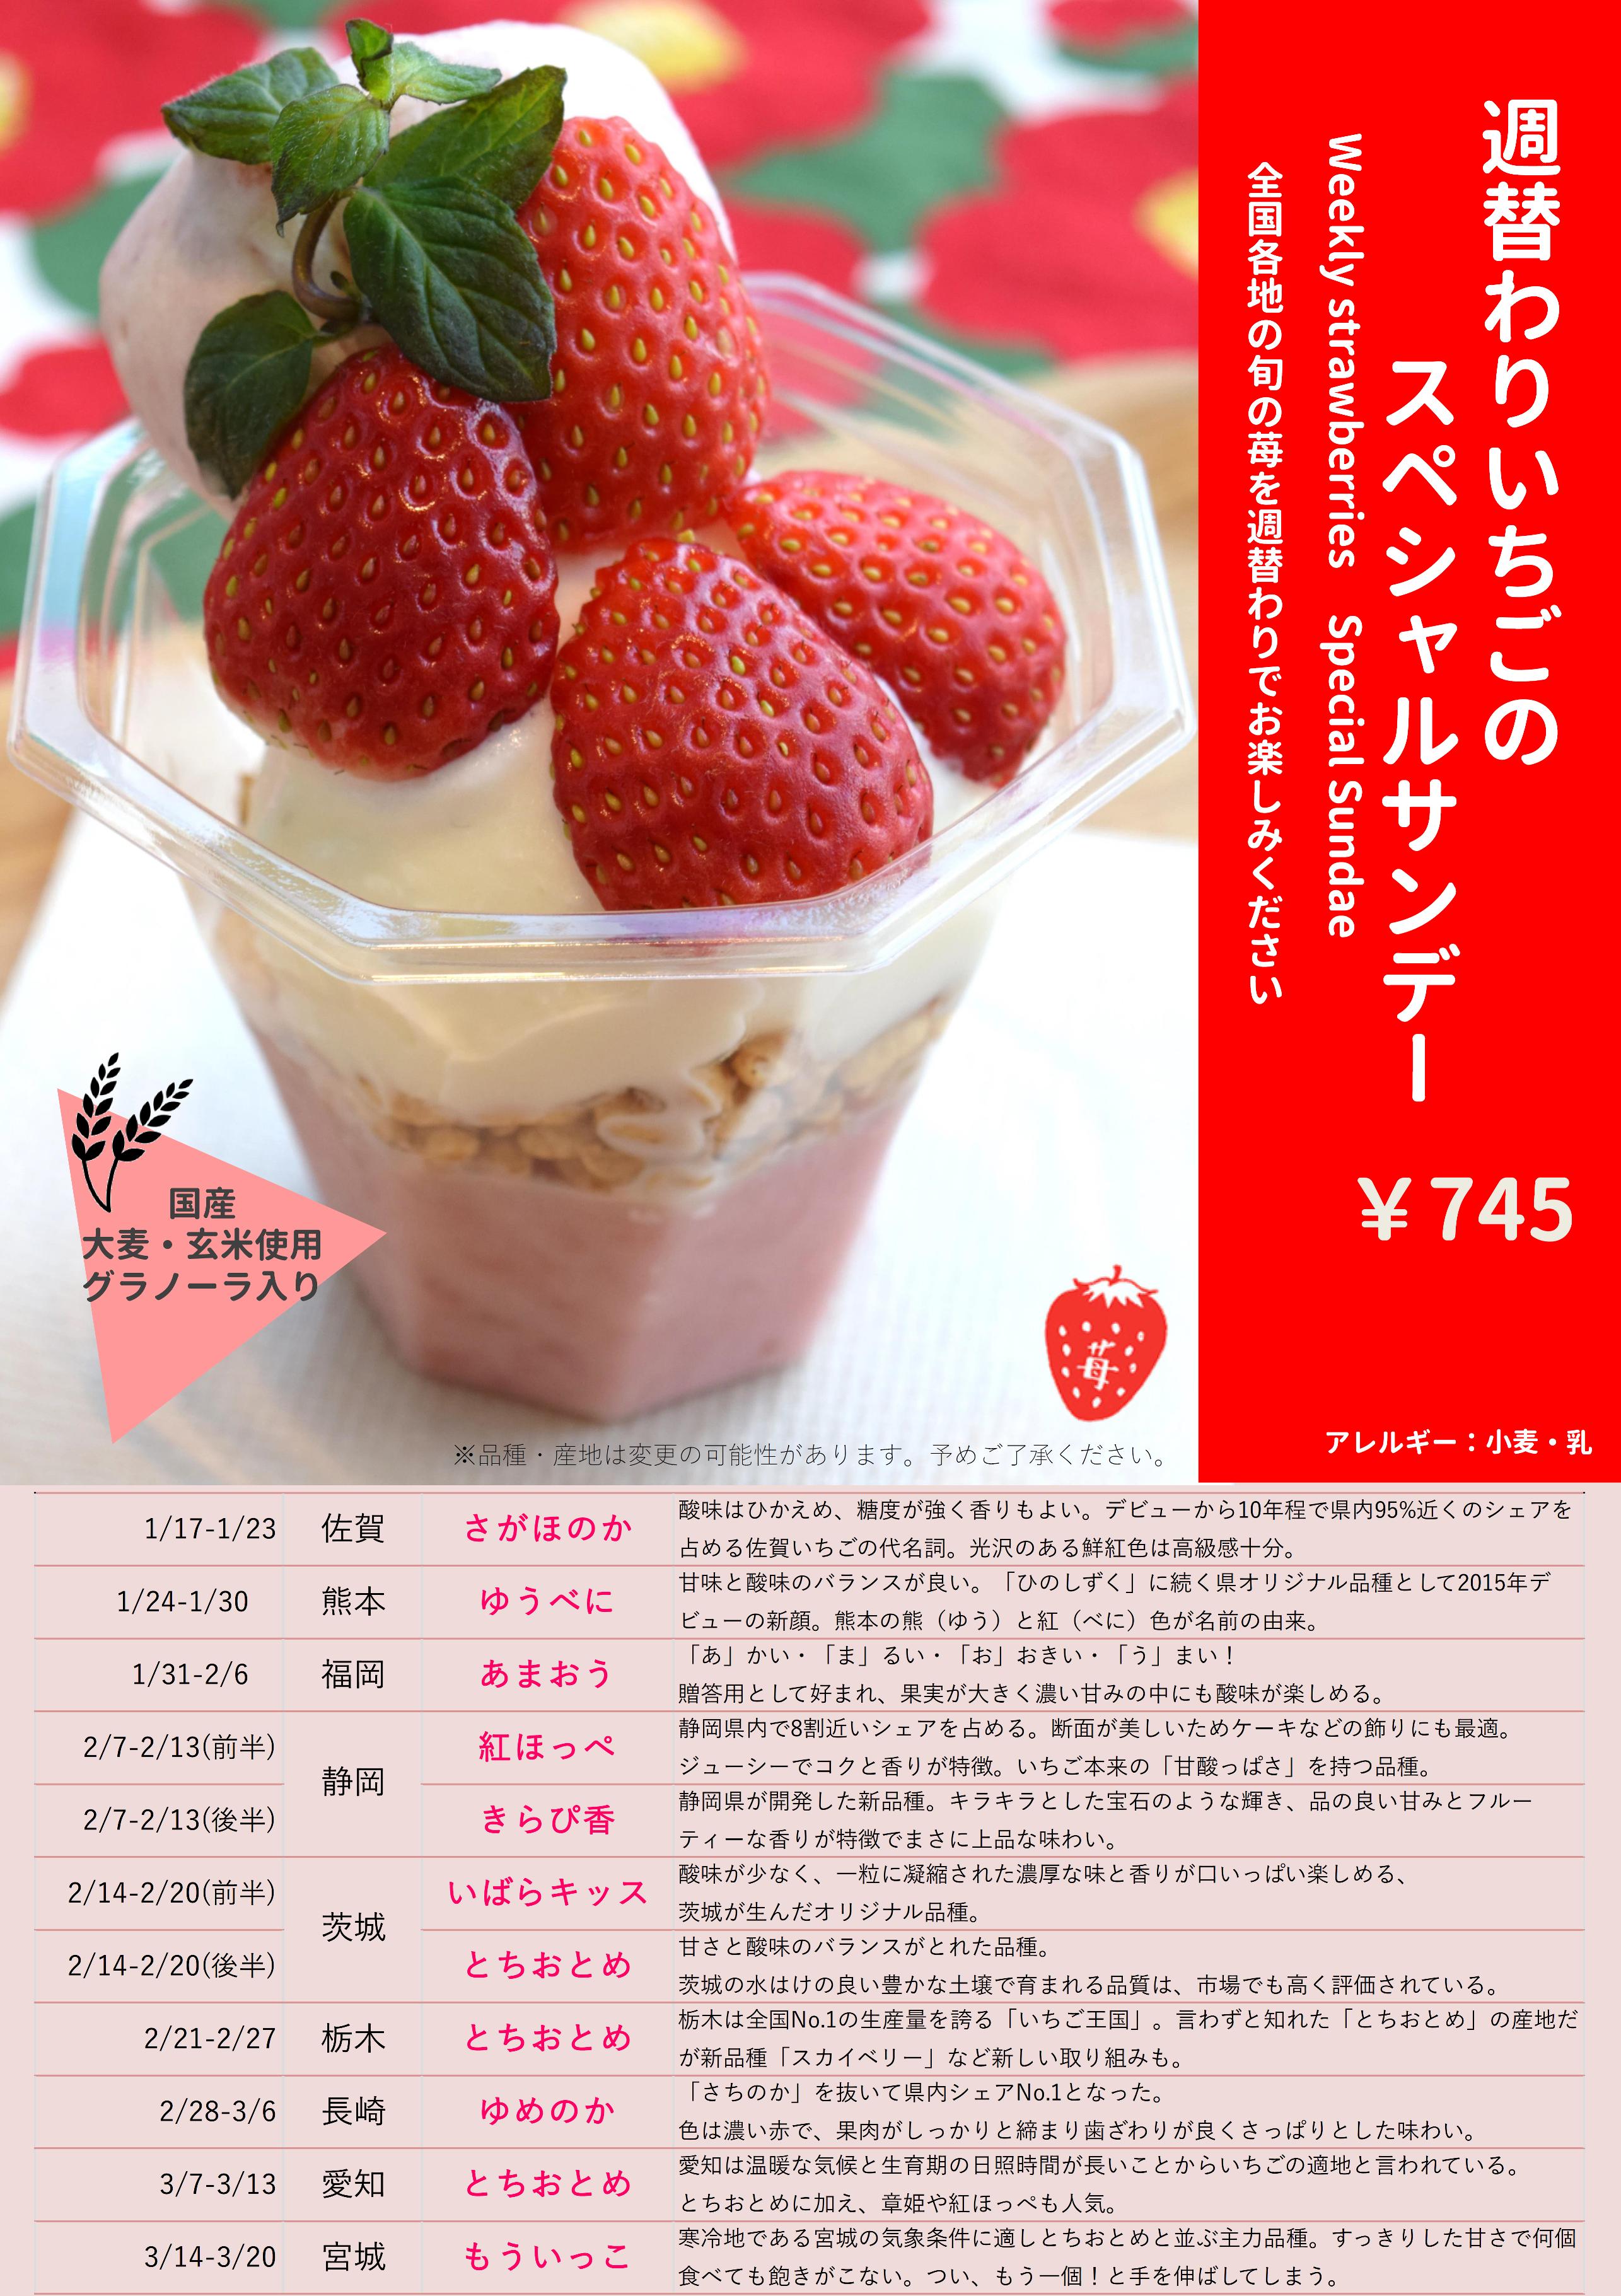 みのりカフェa1ポスター(png).png